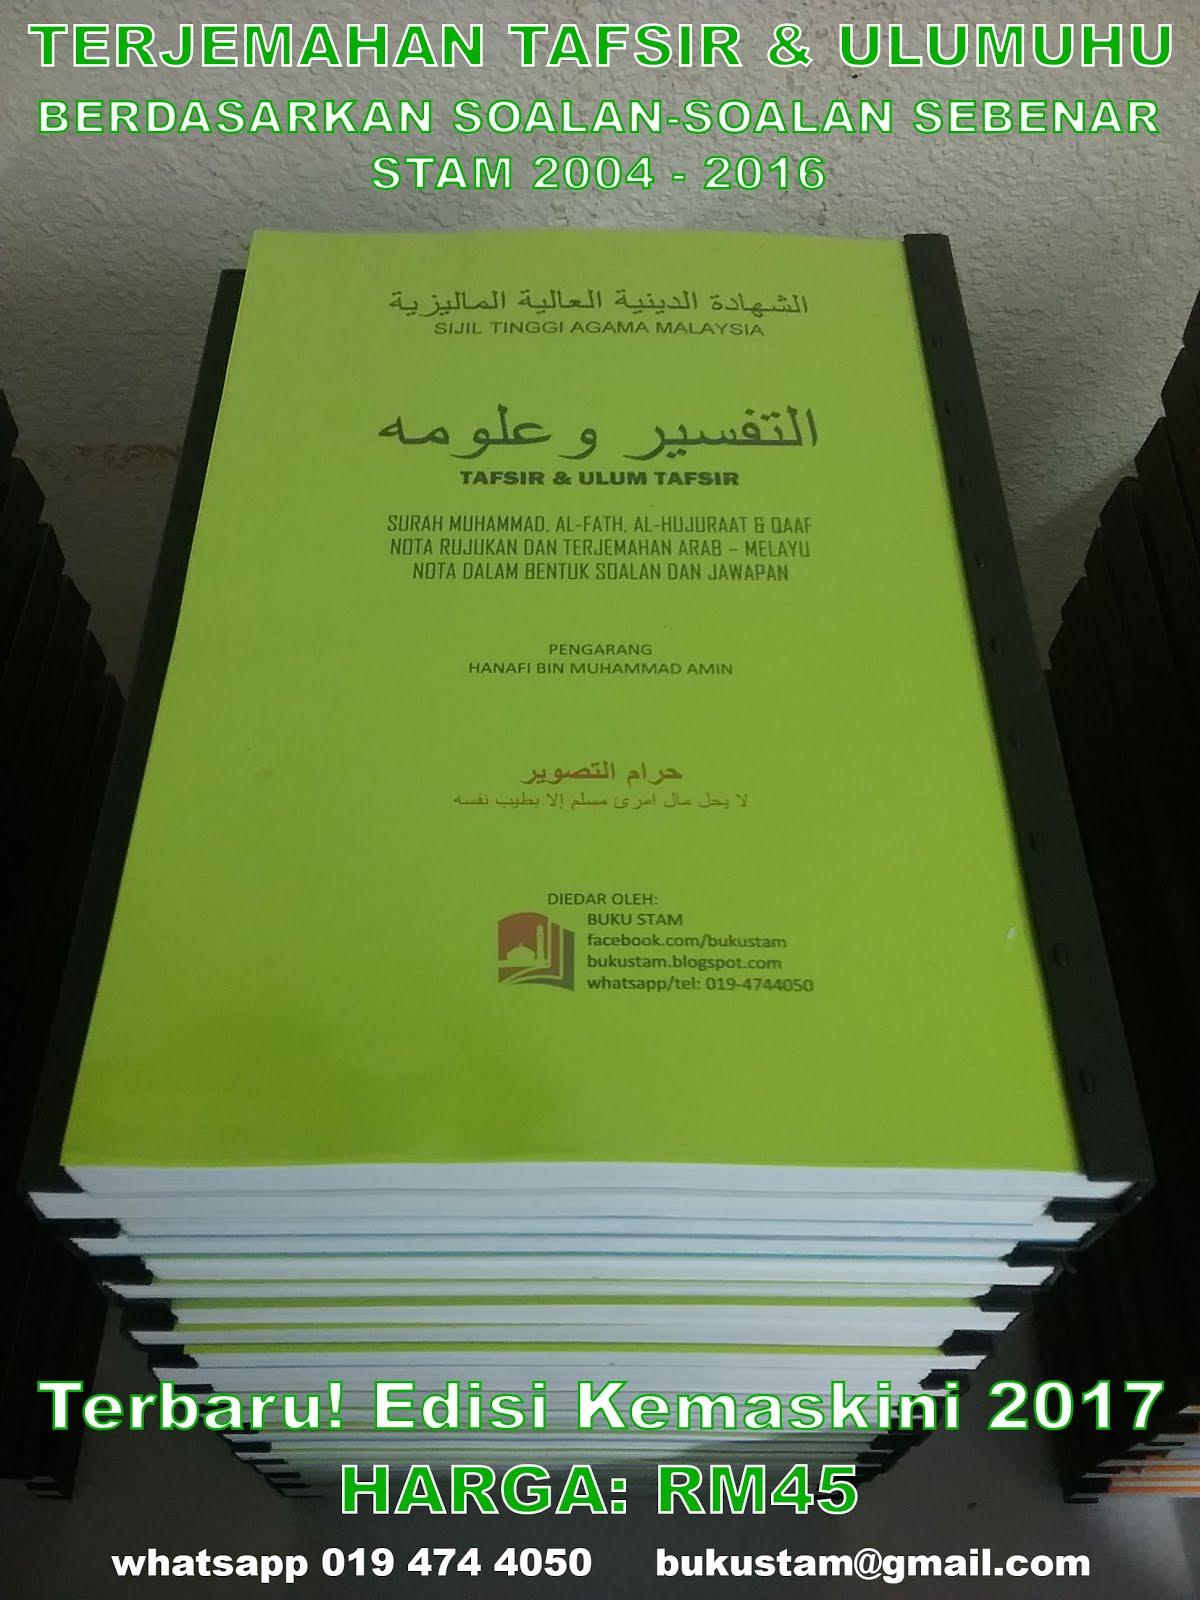 NOTA TERJEMAHAN ARAB MELAYU TAFSIR AL-QURAN